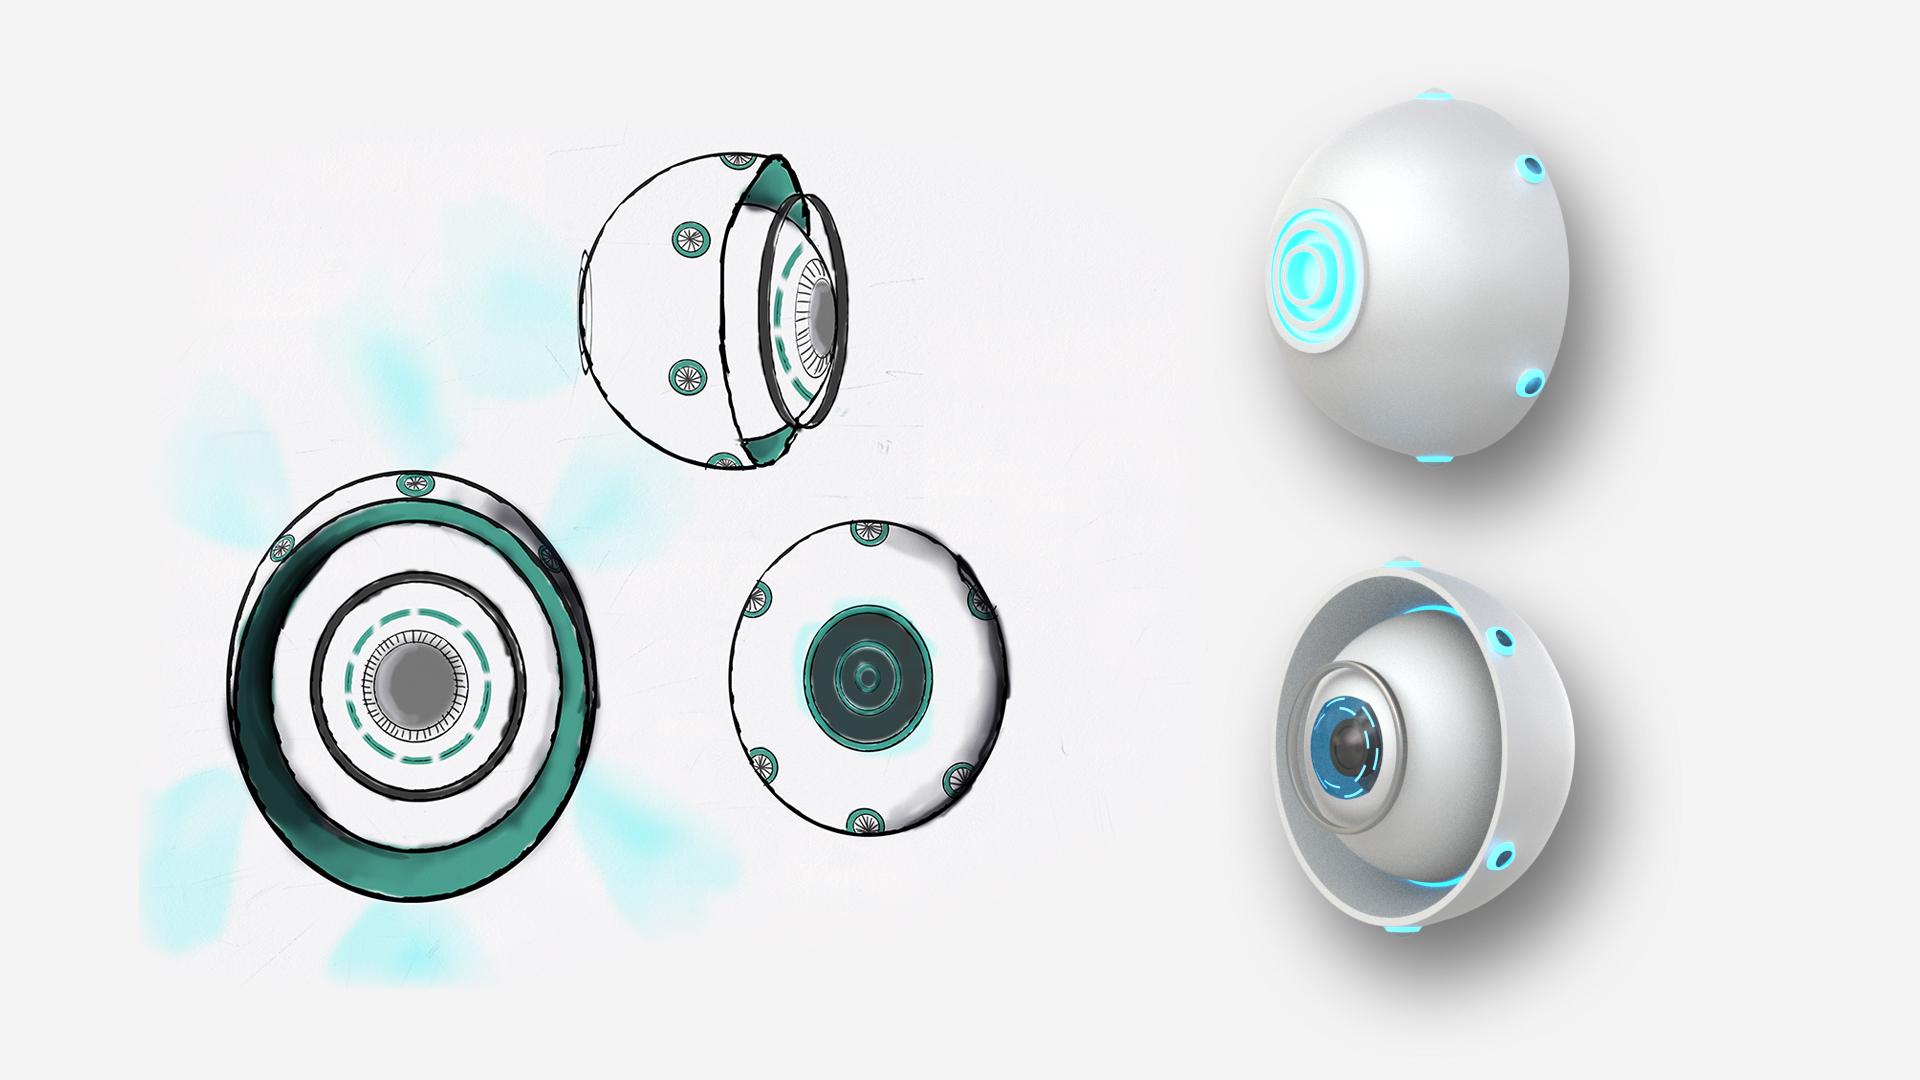 Ontwerp floating cams